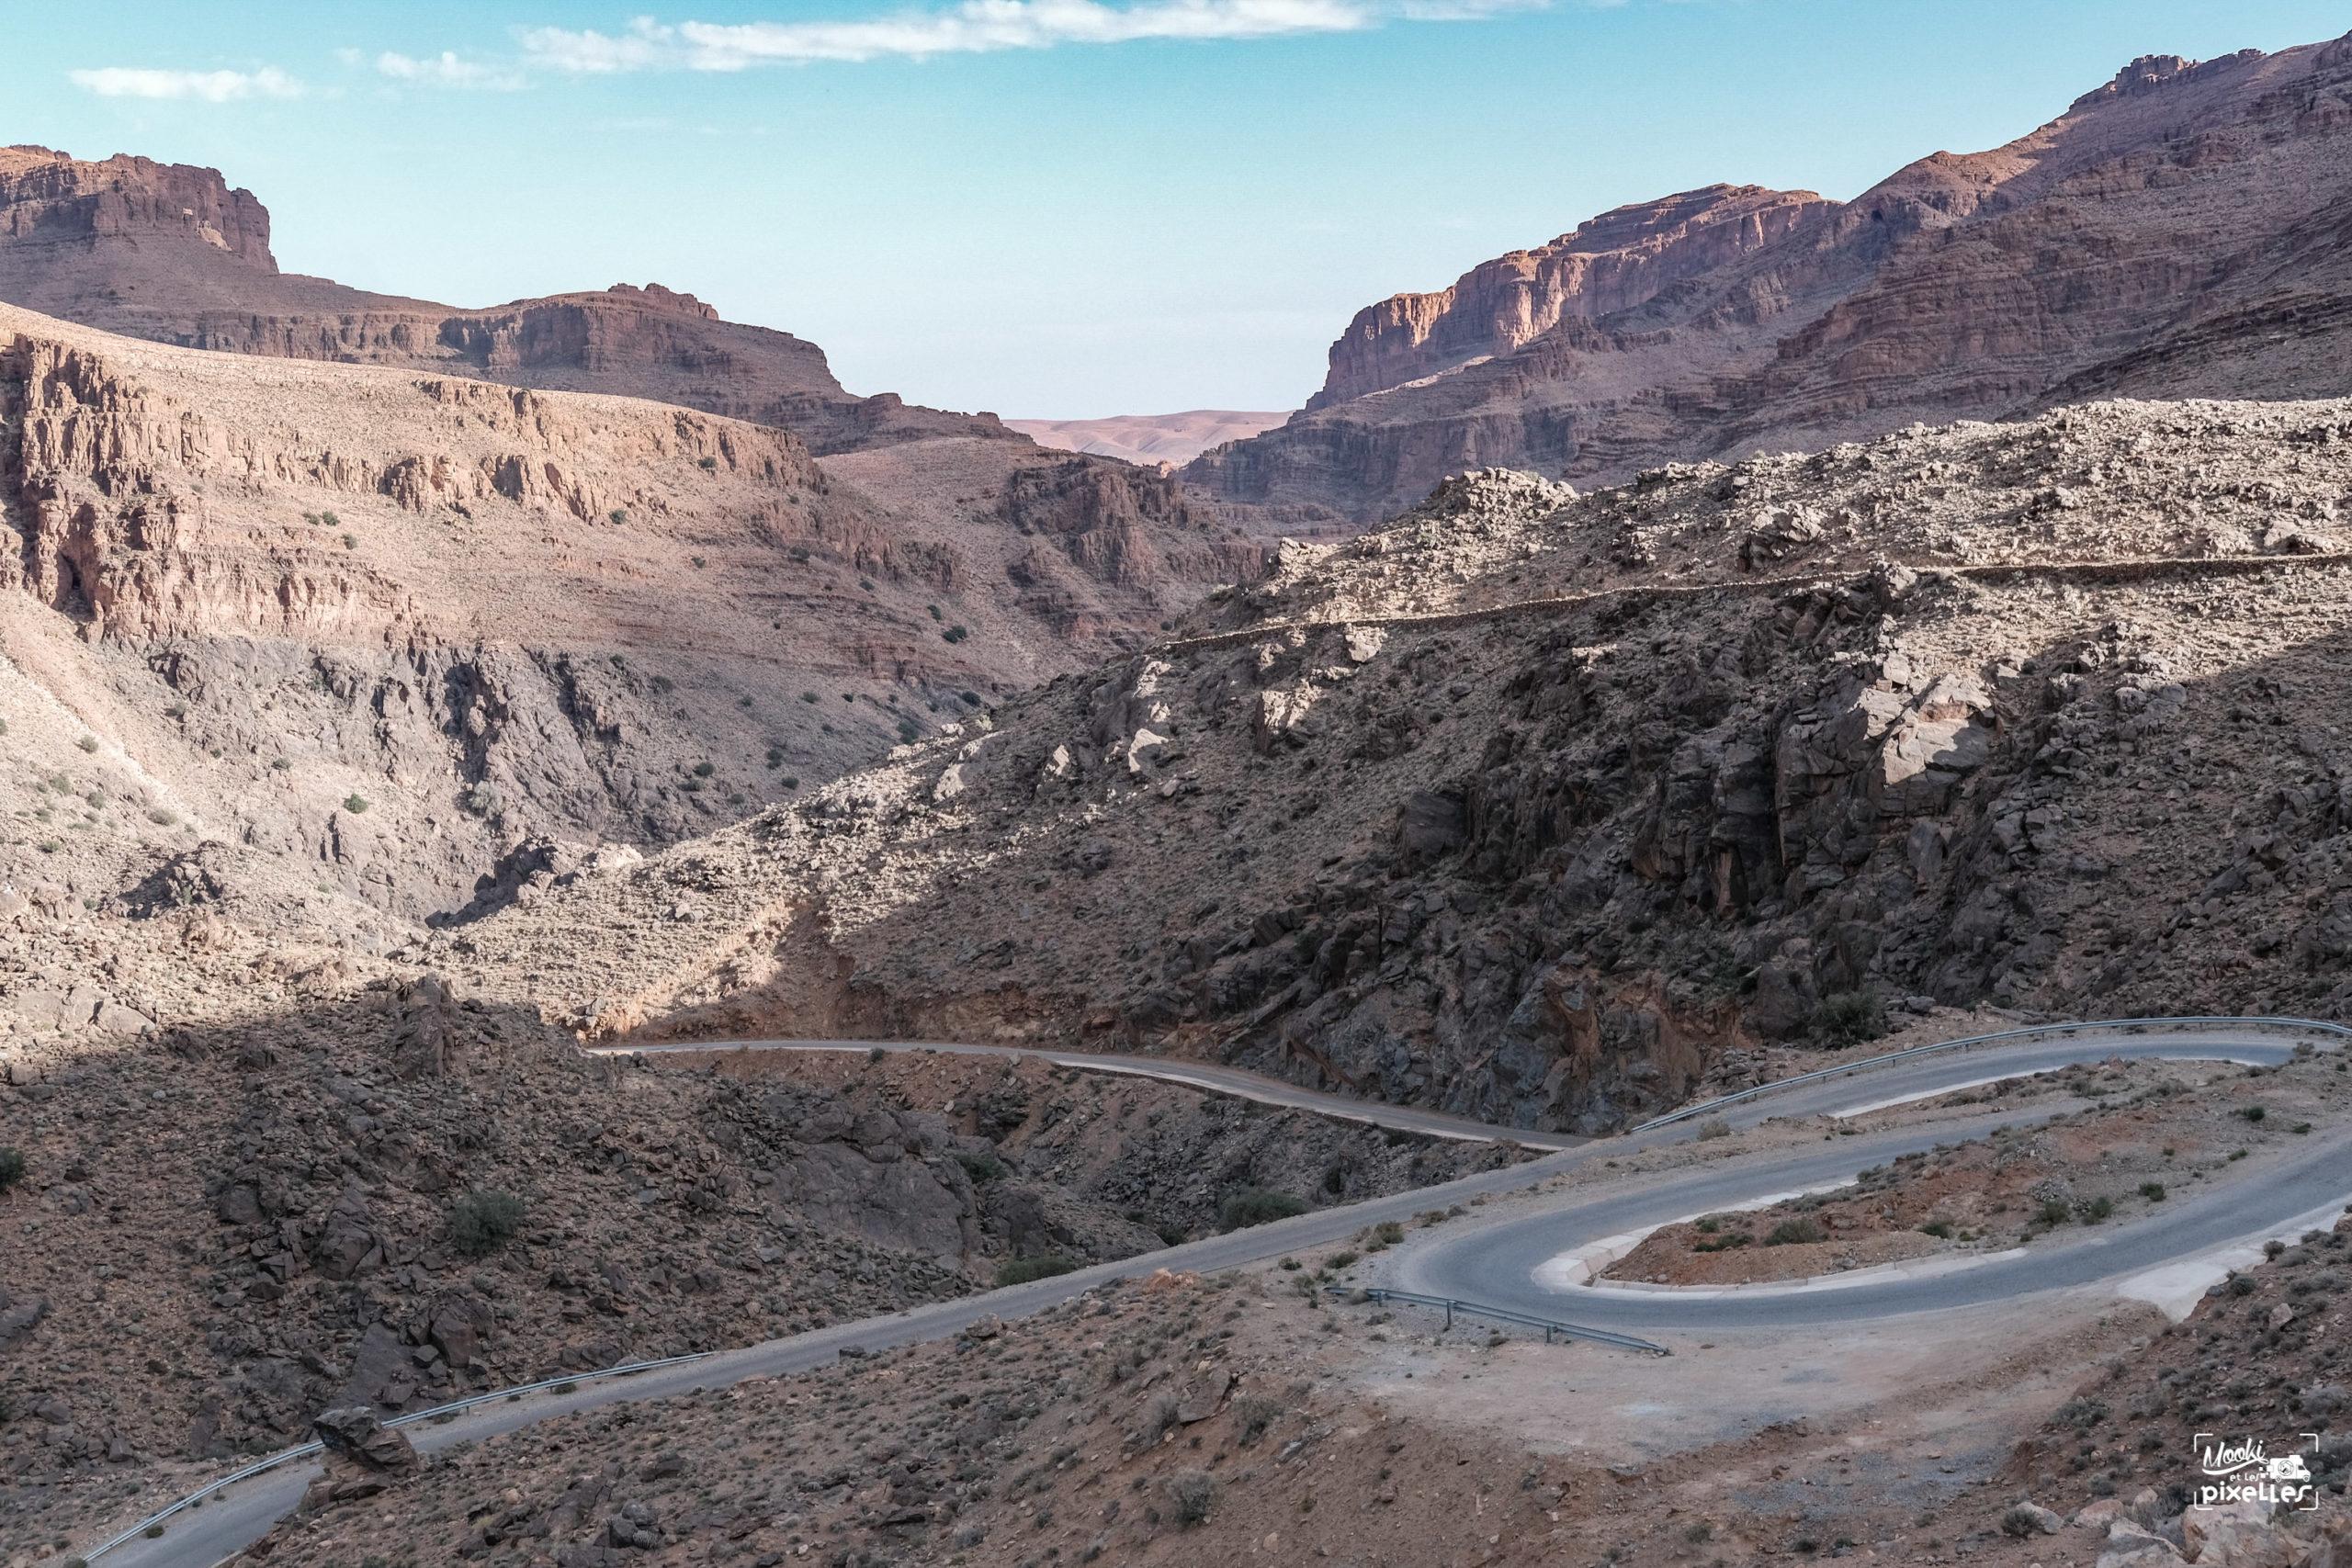 La route en lacets dans les gorges d'Ait Mansour